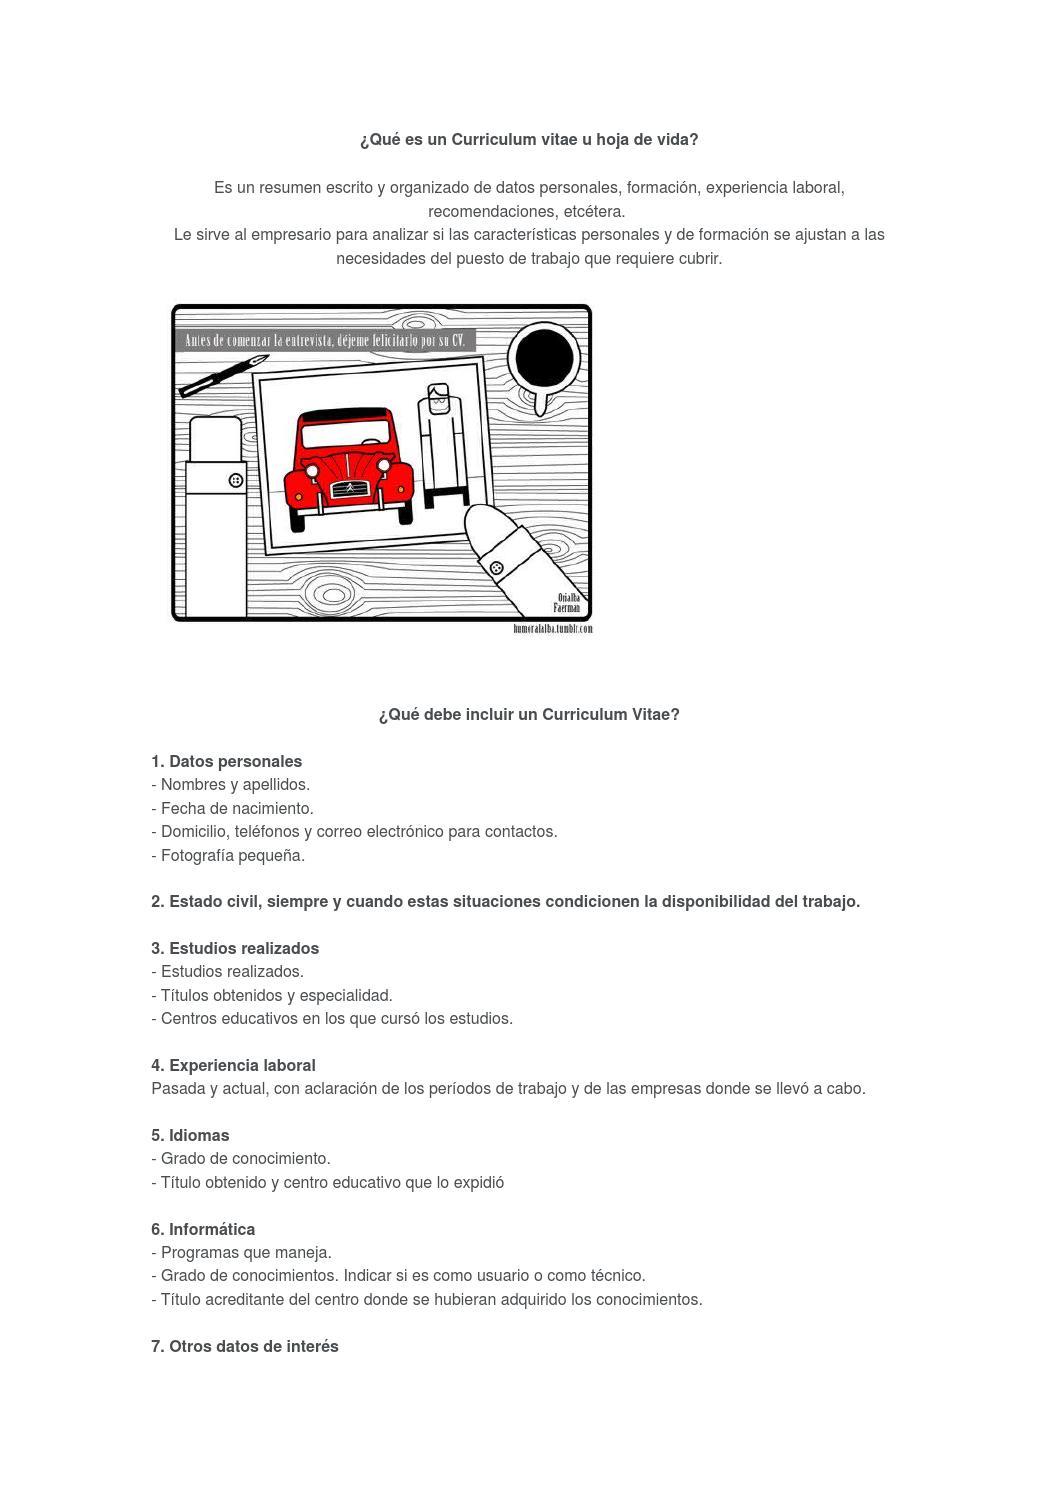 Qué es un curriculum vitae ? by evangelinatobaldi - issuu